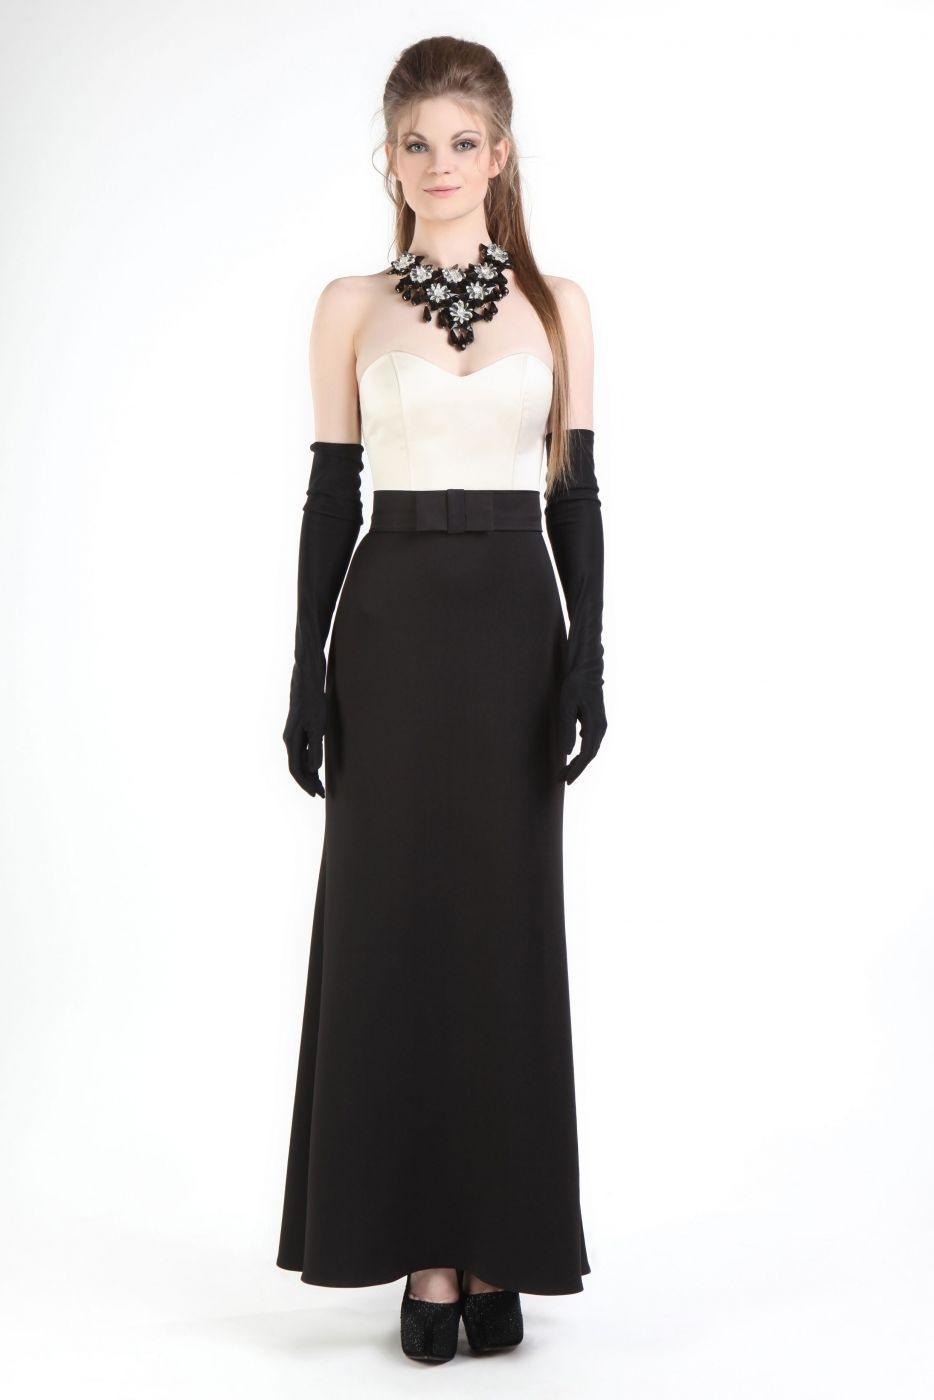 15 Elegant Abendkleider Lang Schwarz Weiß Bester Preis Spektakulär Abendkleider Lang Schwarz Weiß für 2019